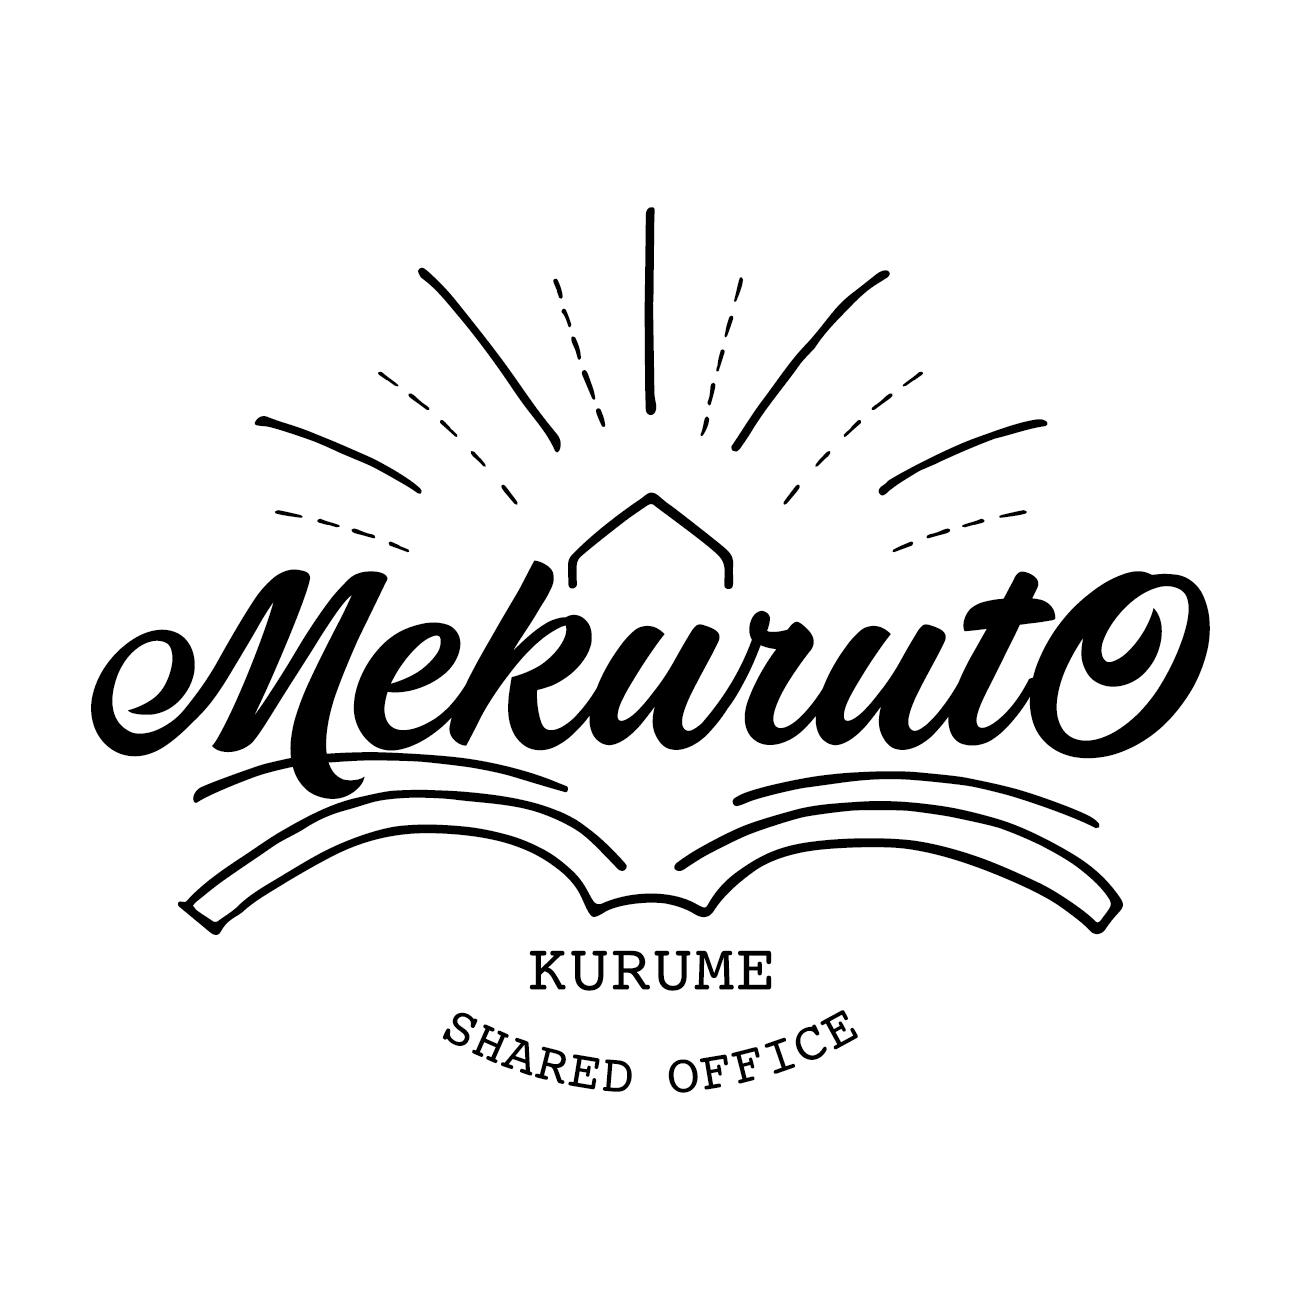 福岡久留米市のシェアオフィス Mekuruto(メクルト)